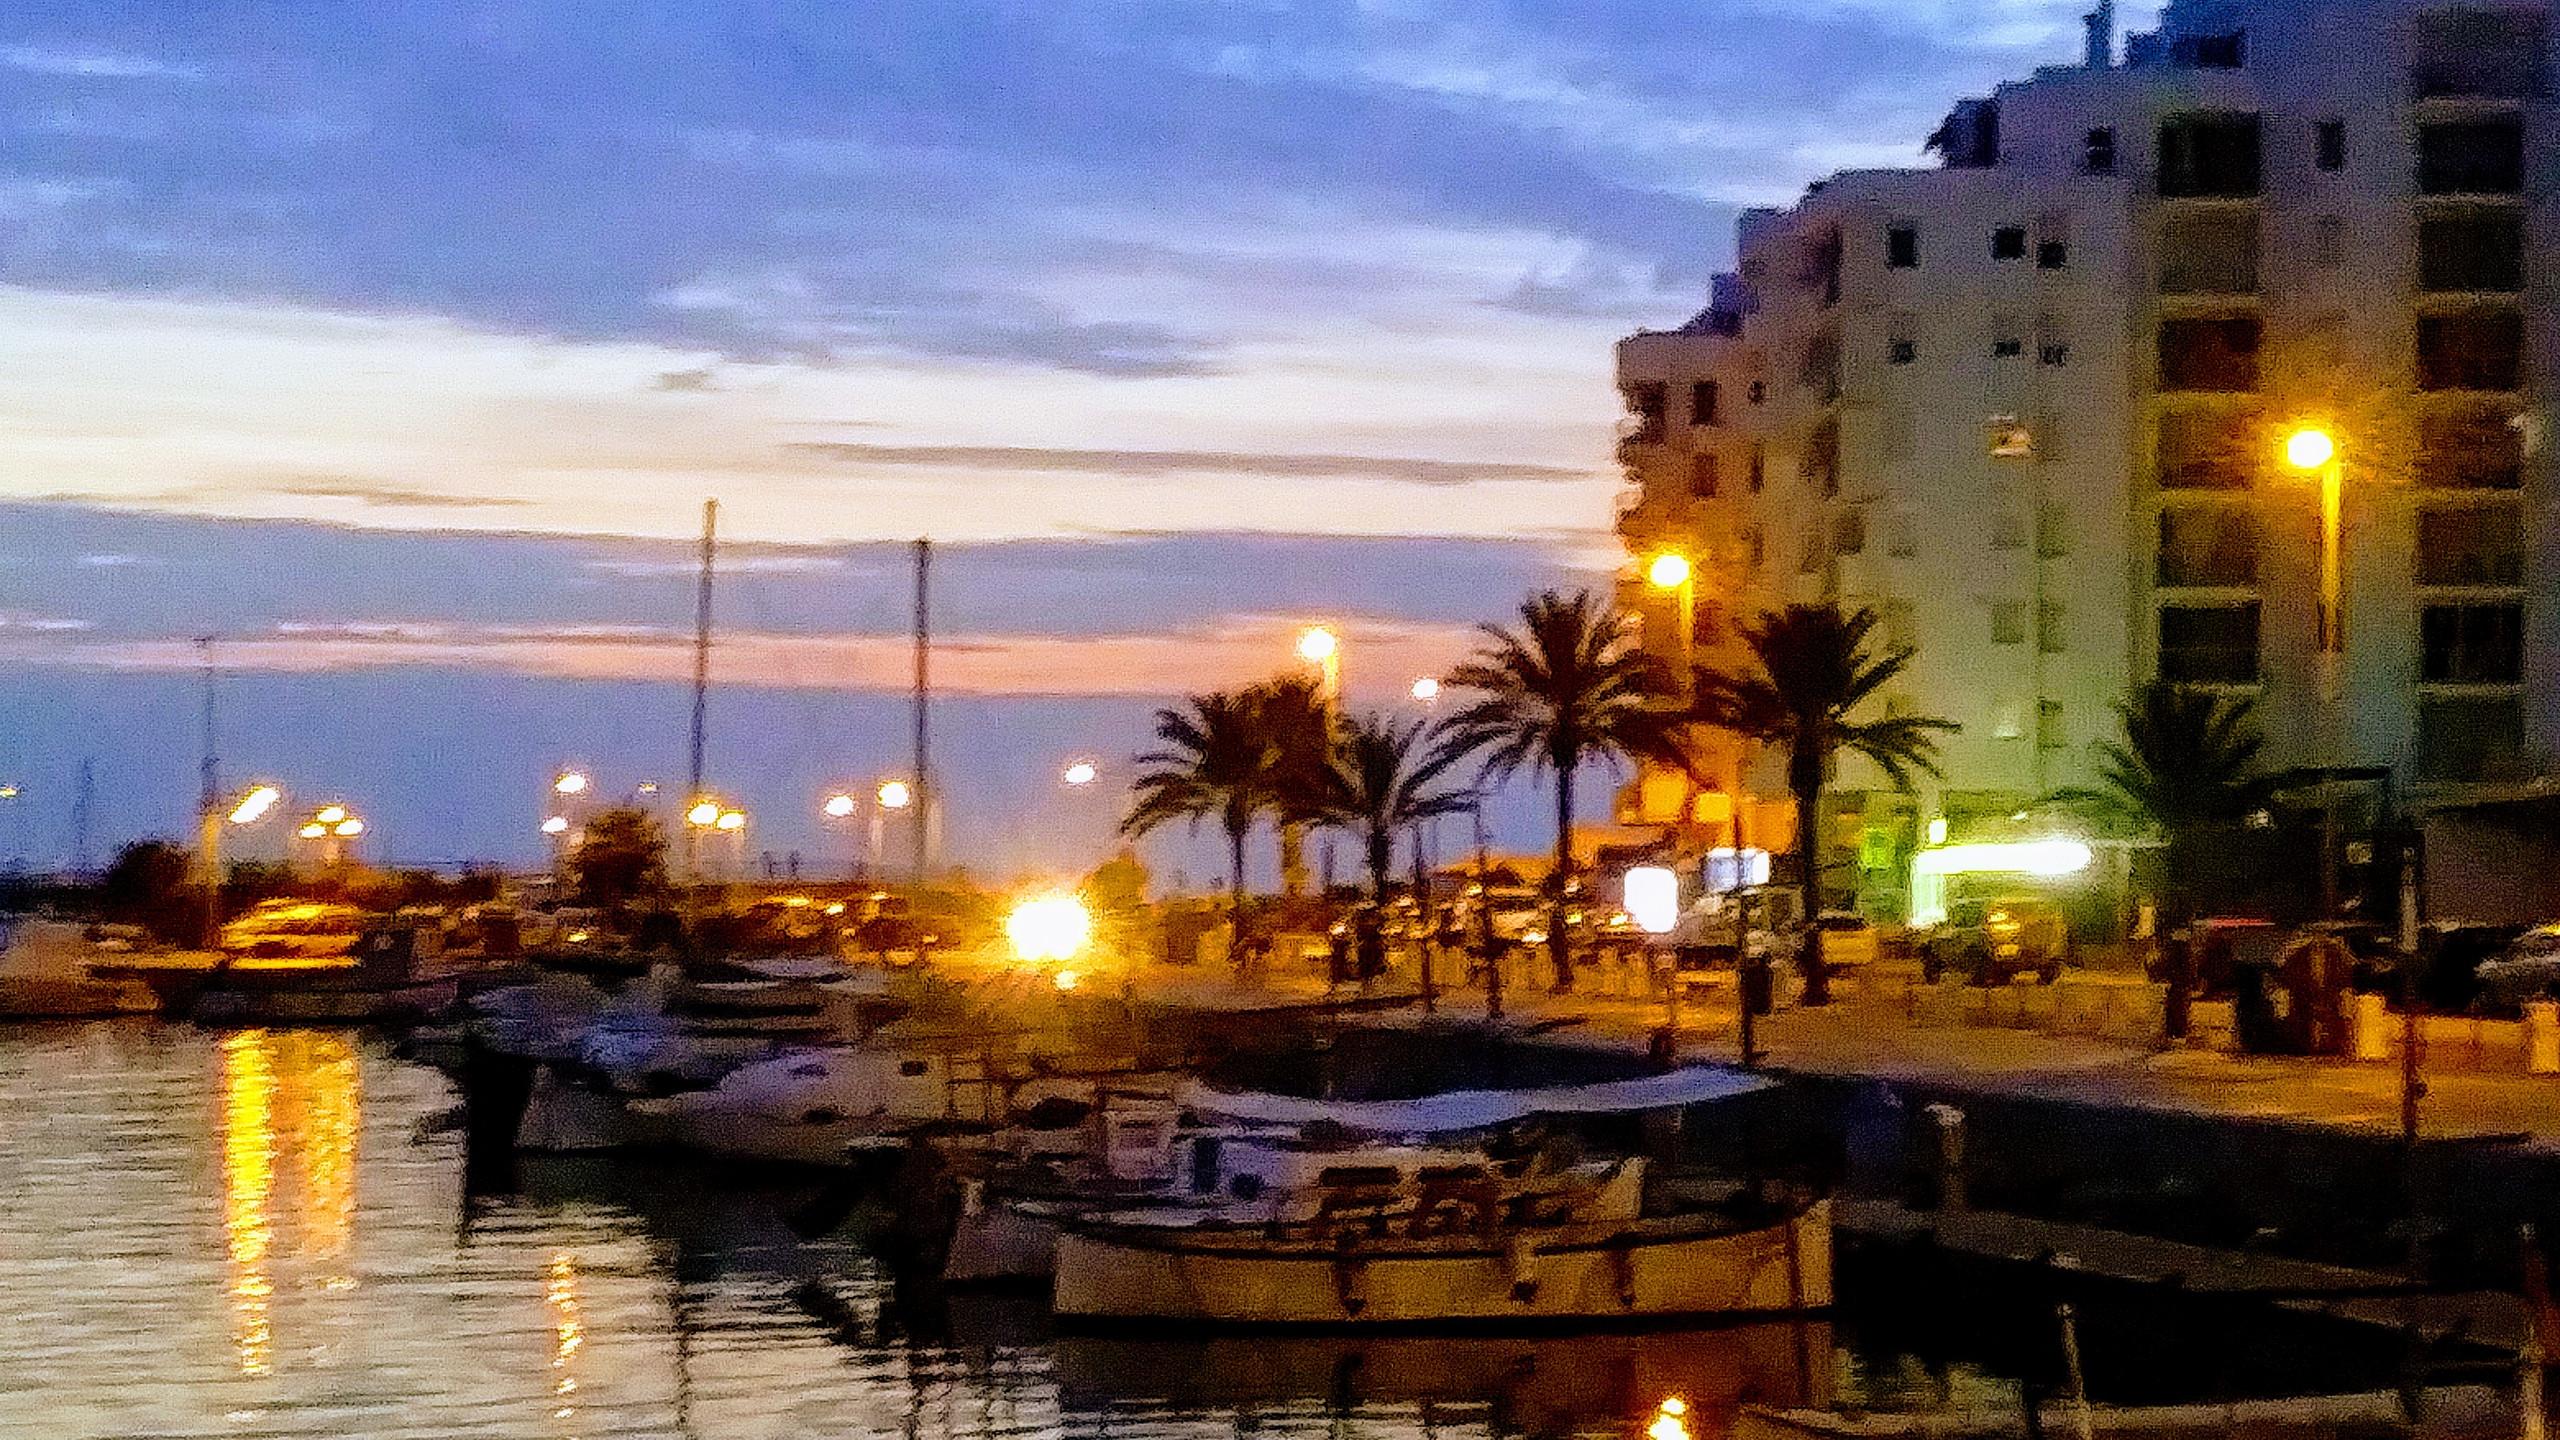 Marina and Bay View (Ibiza)